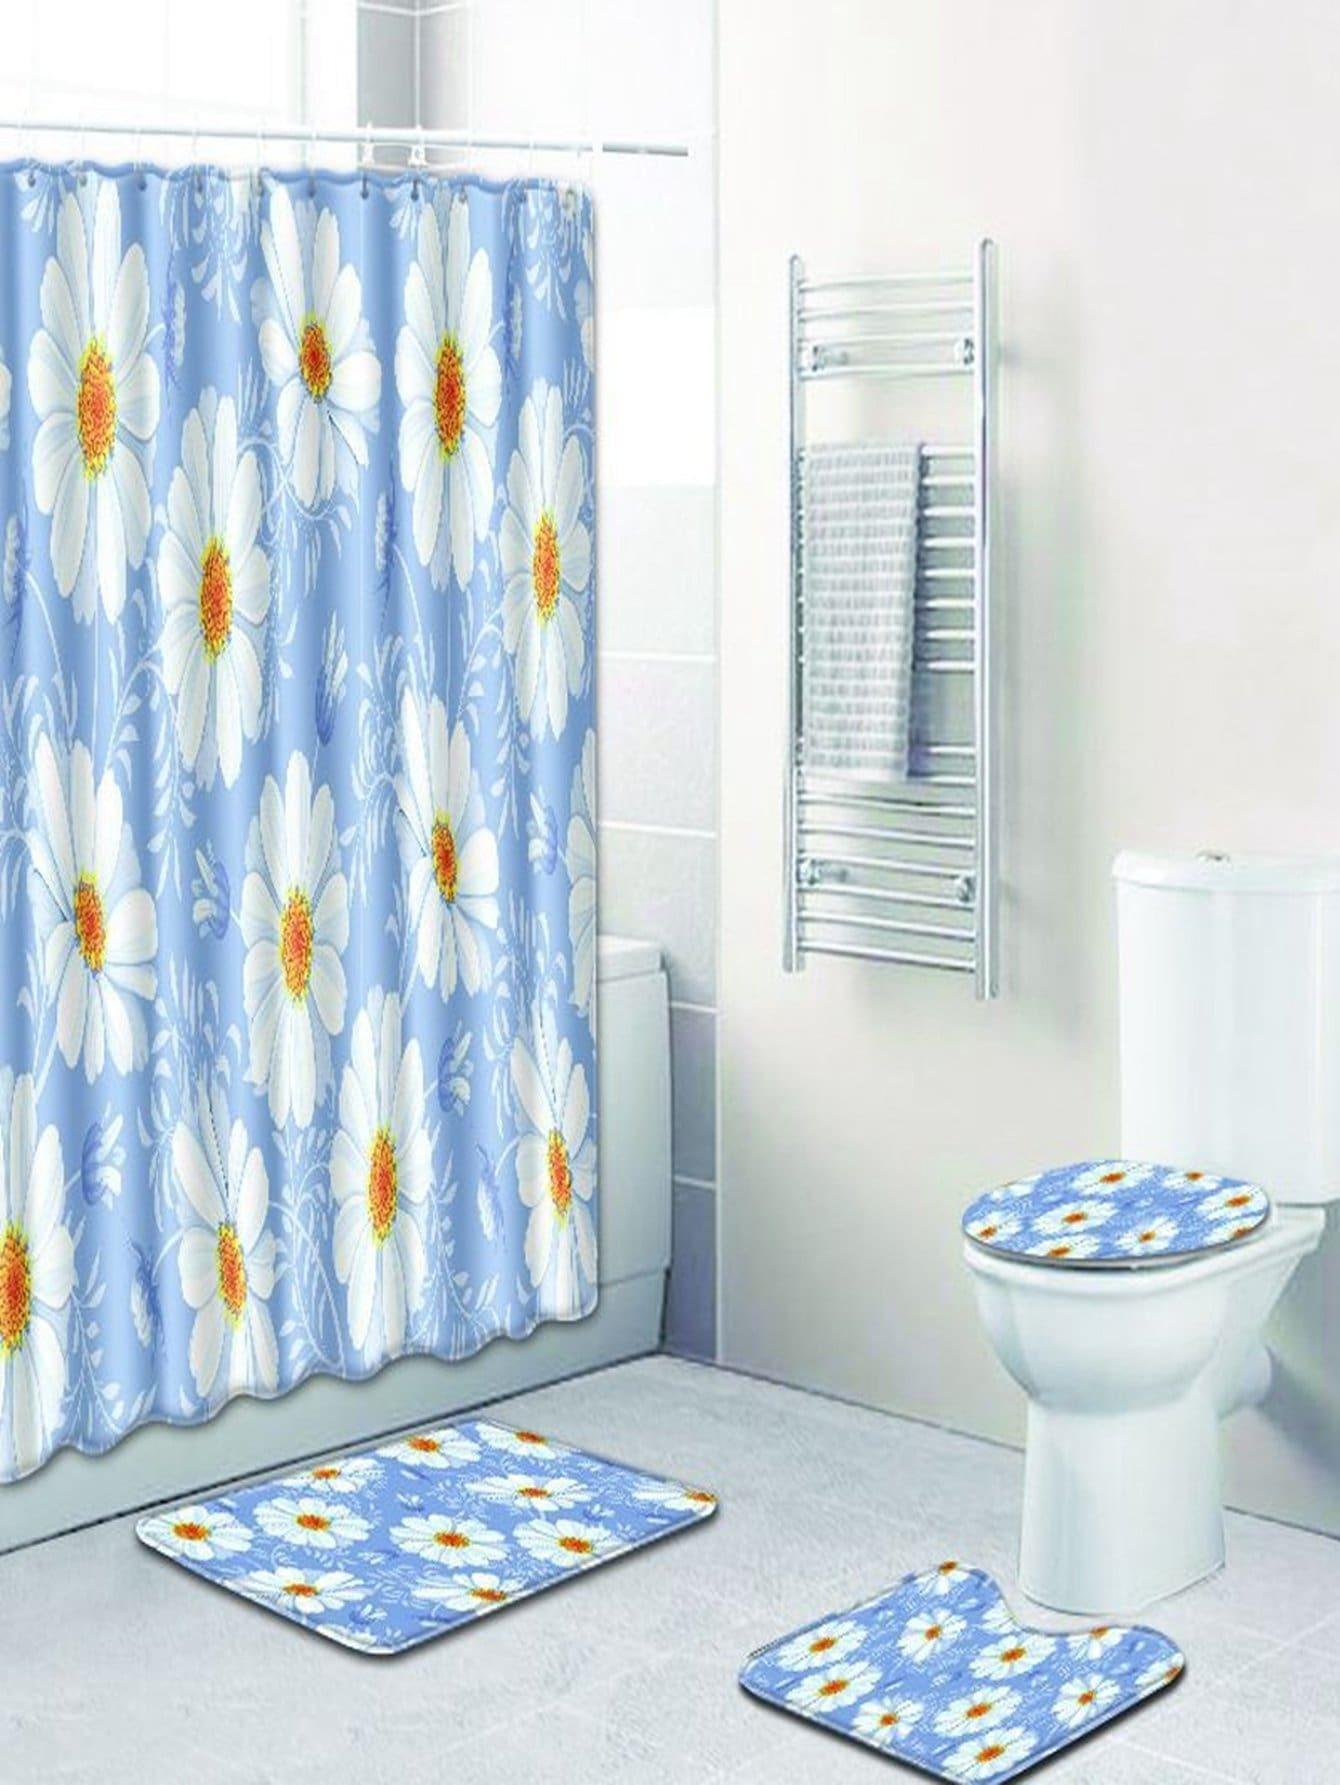 Купить Цветочные 12 крючков душ шторы и ковер 3шт., null, SheIn